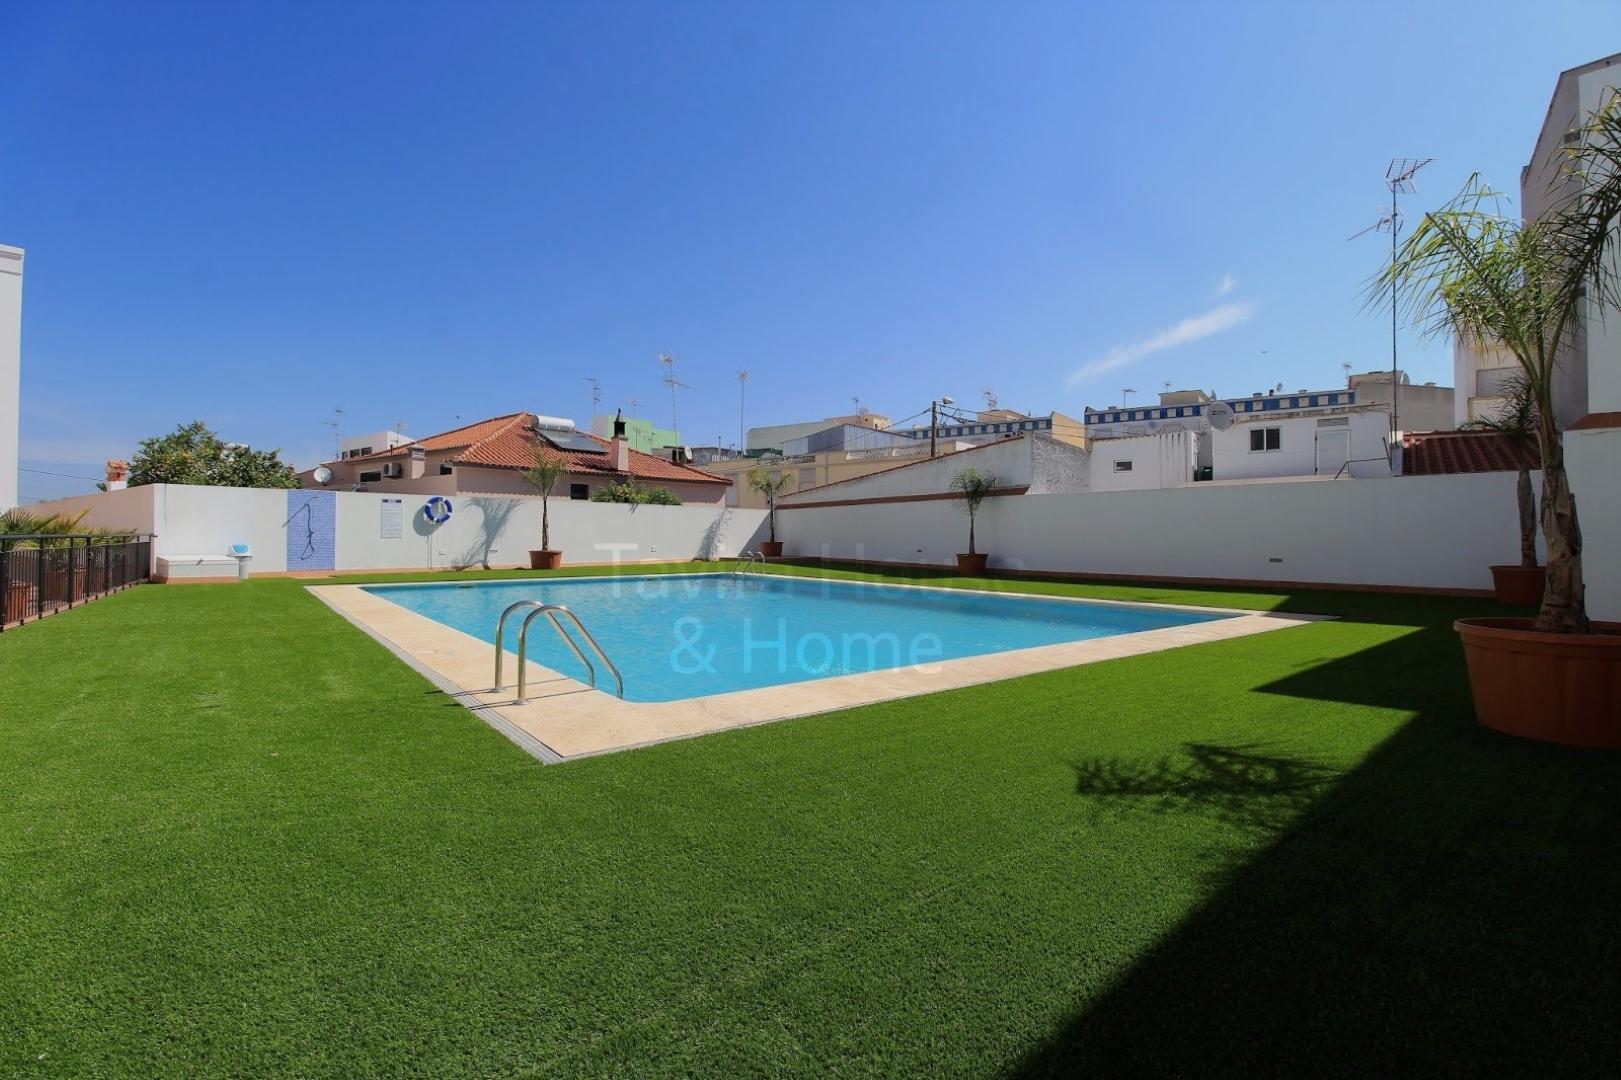 A0499 - 1 Bedroom Apartment With Pool  Vila Real De Santo Antonio  Portugal